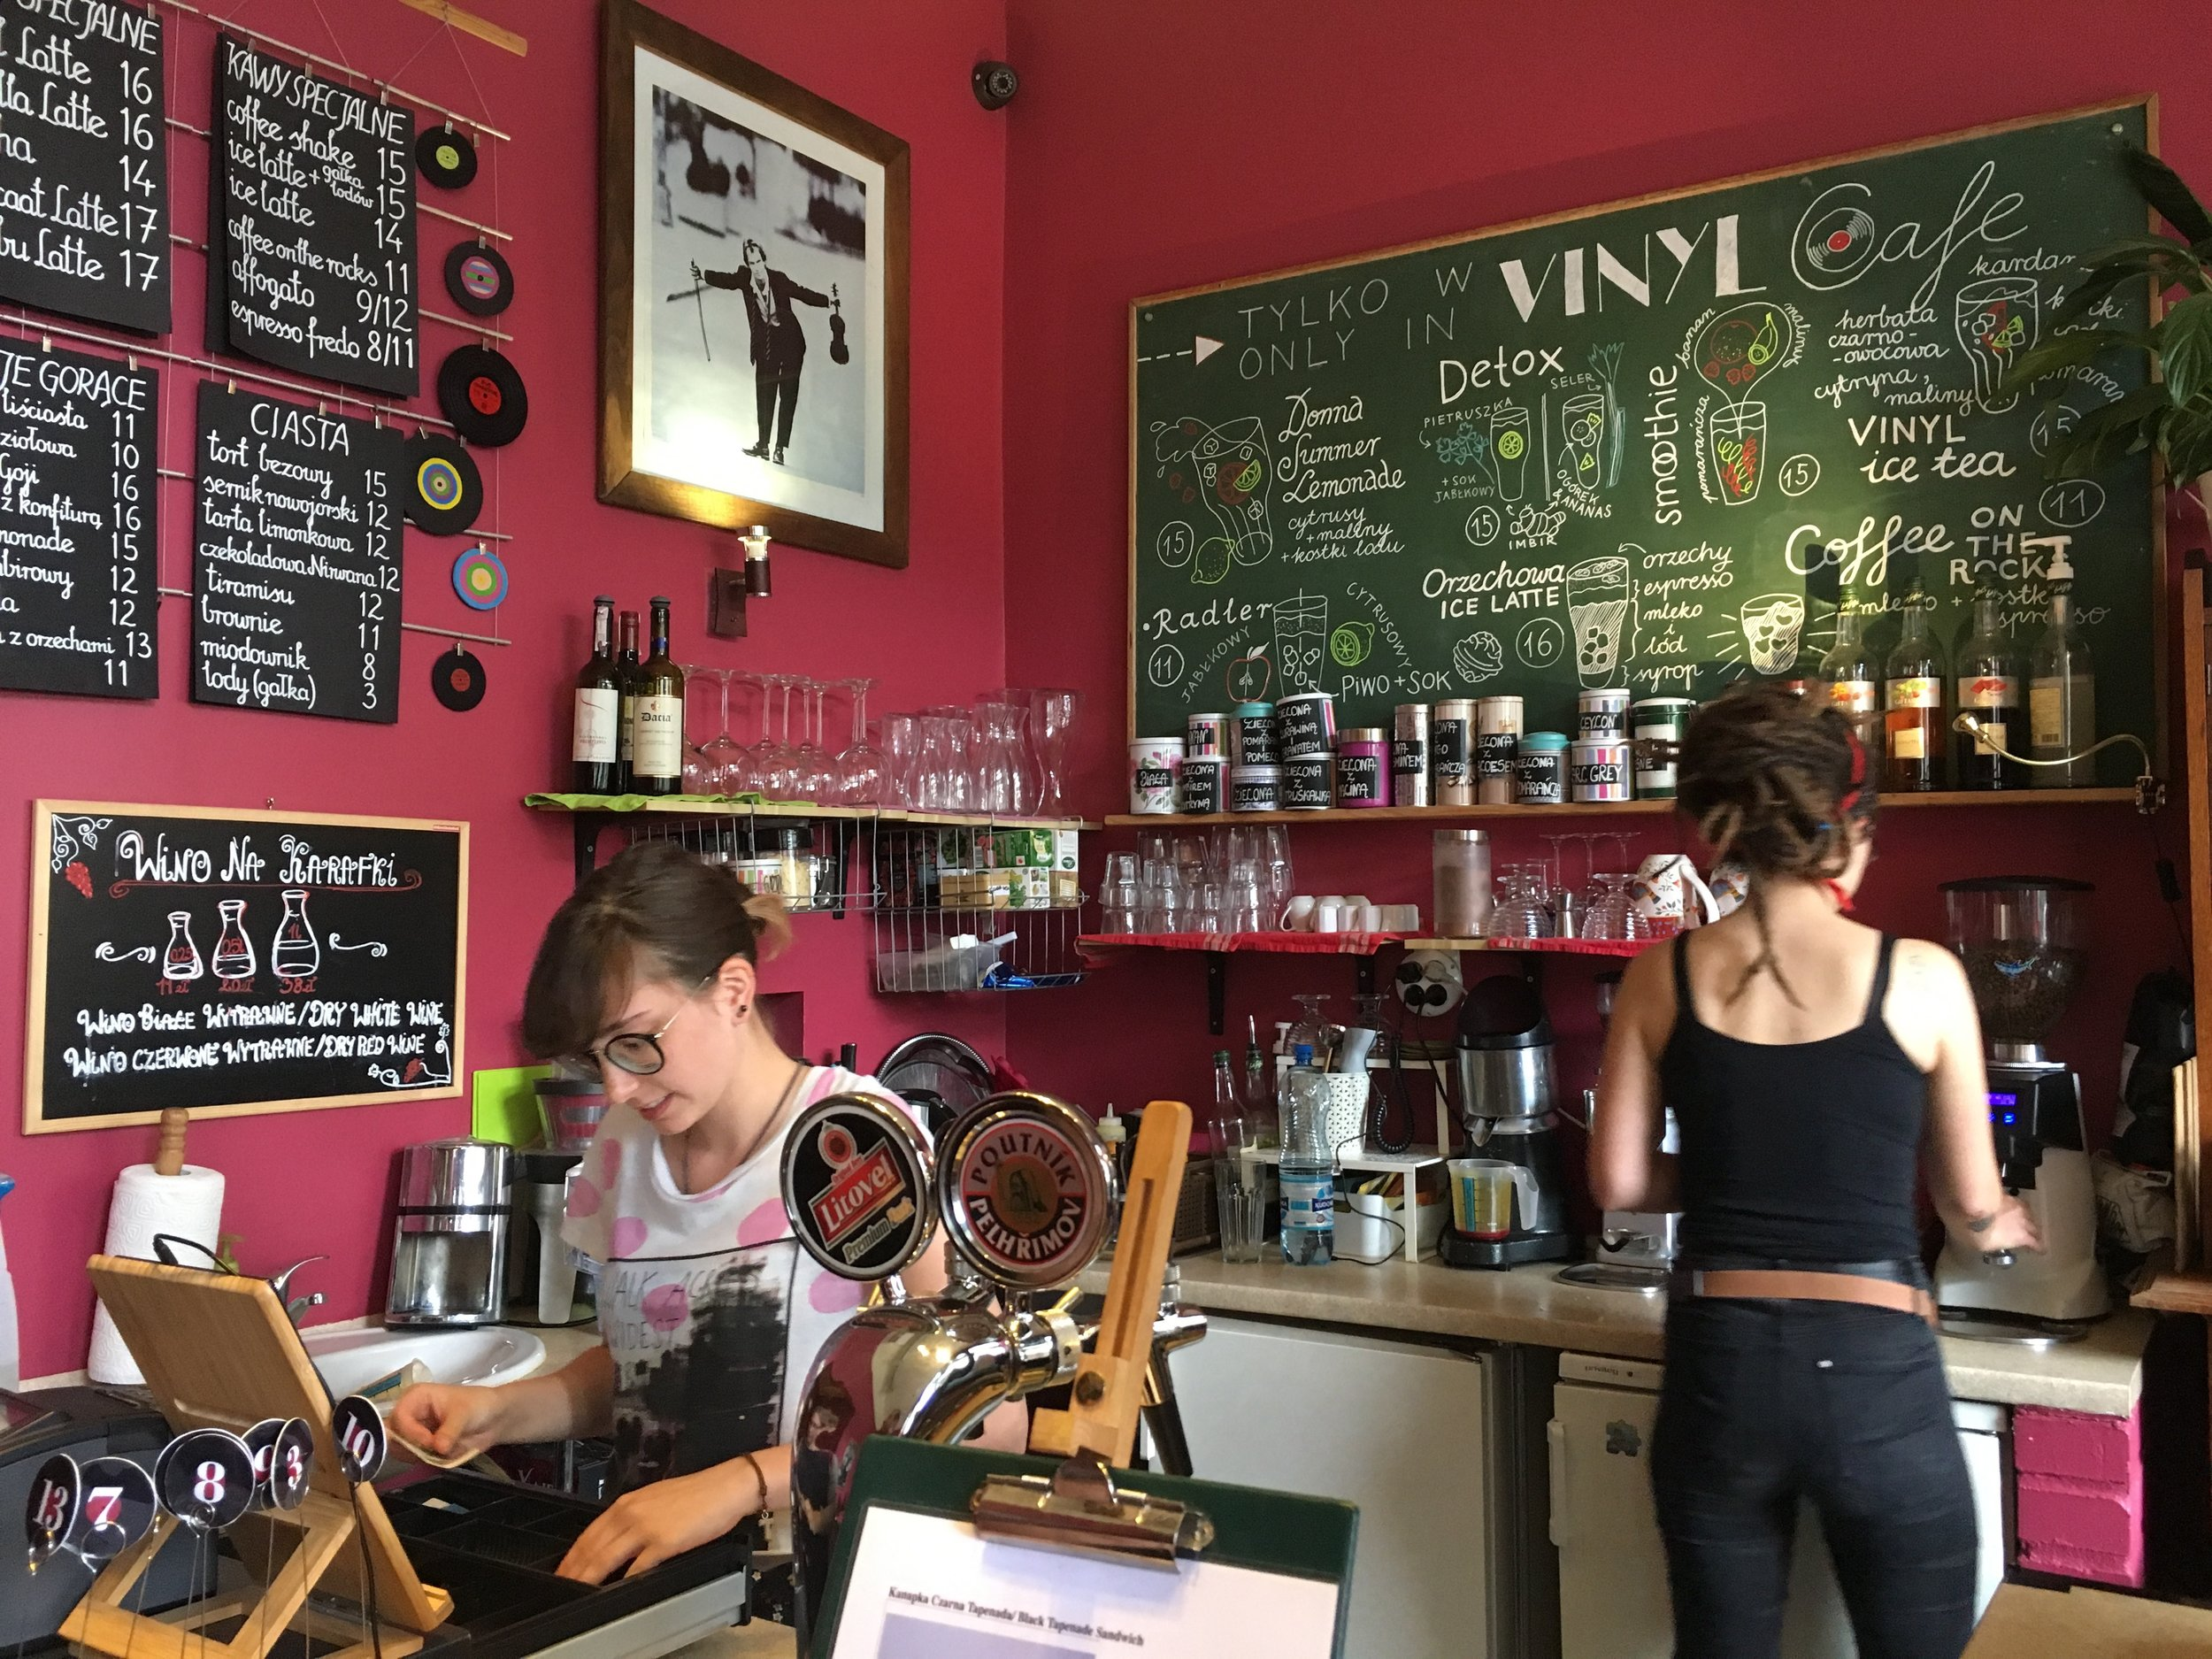 Vinyl Café